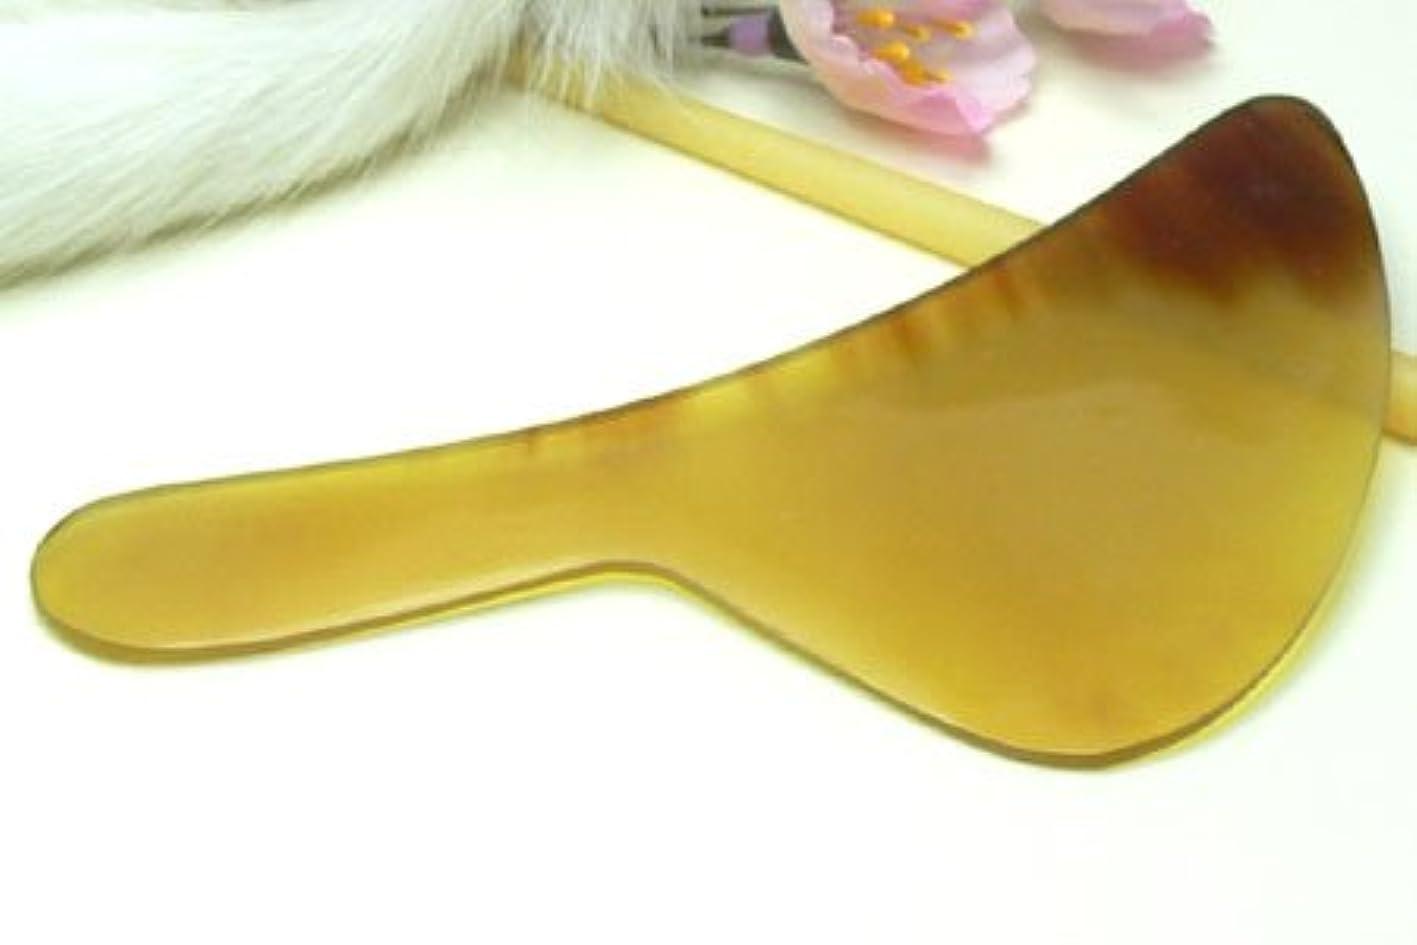 してはいけないアンソロジーエジプトかっさ板、美容、刮莎板、グアシャ板,水牛角製